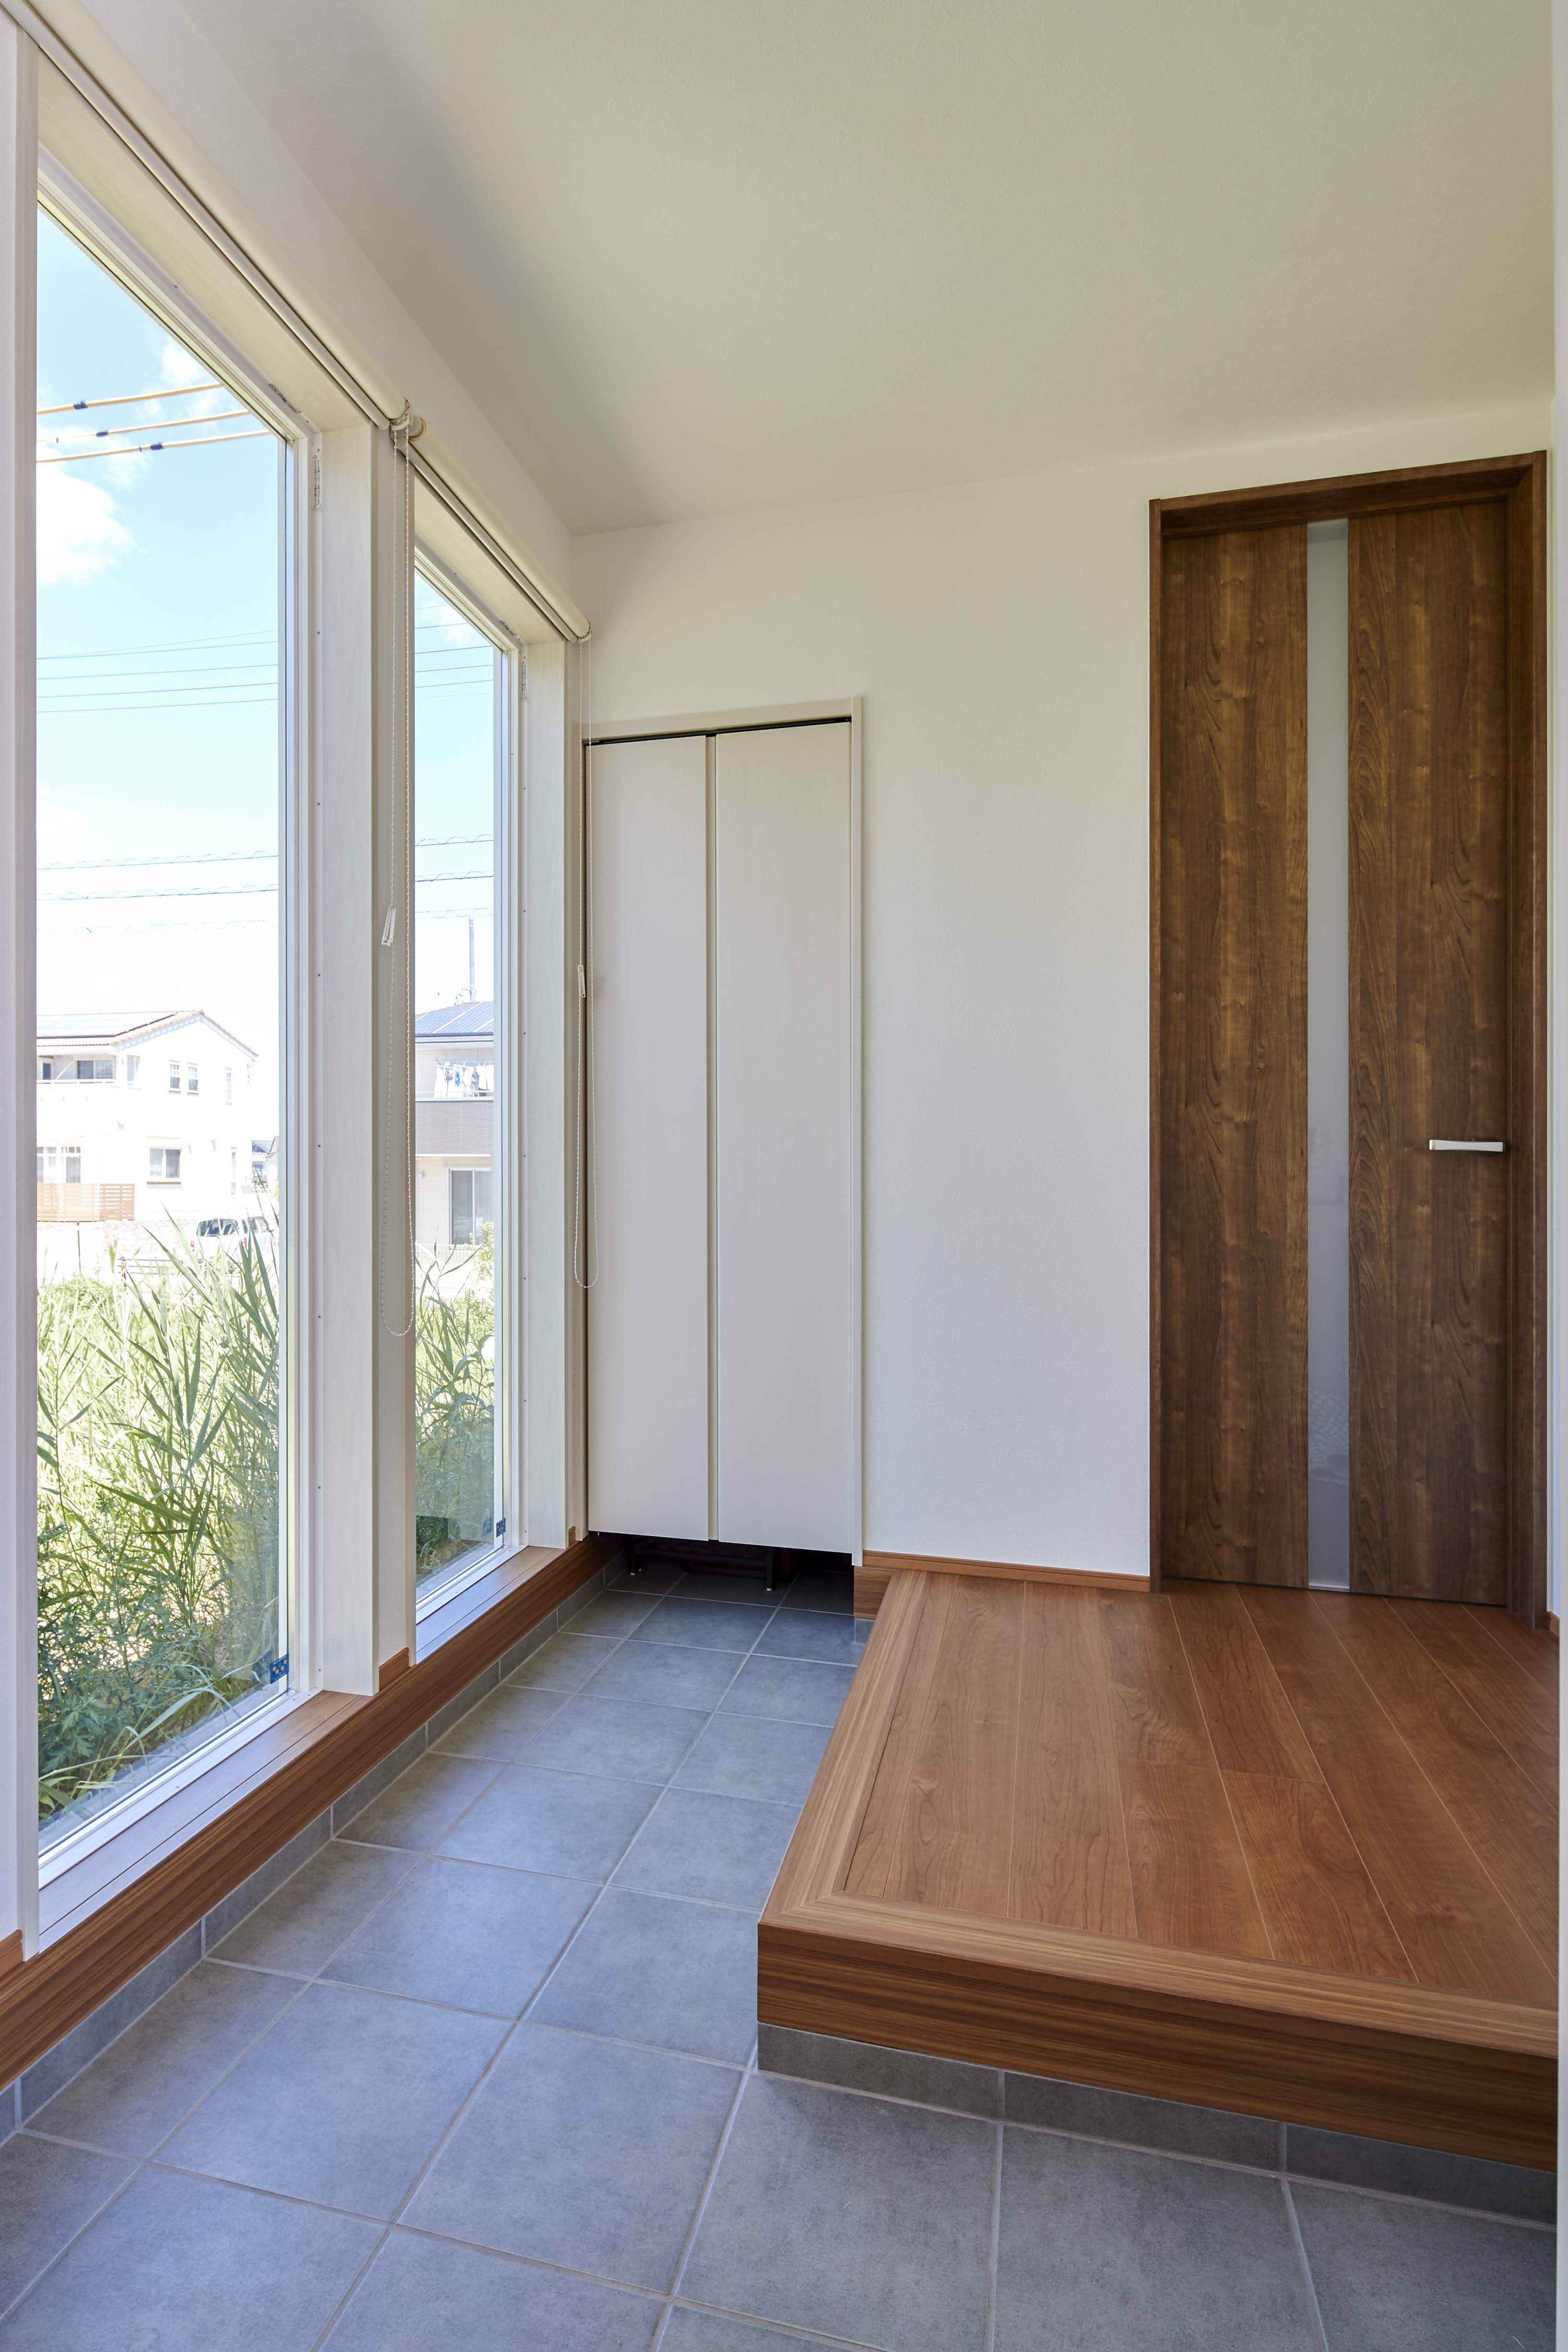 広めの土間スペースを設計した玄関。自転車なども玄関に収納できる